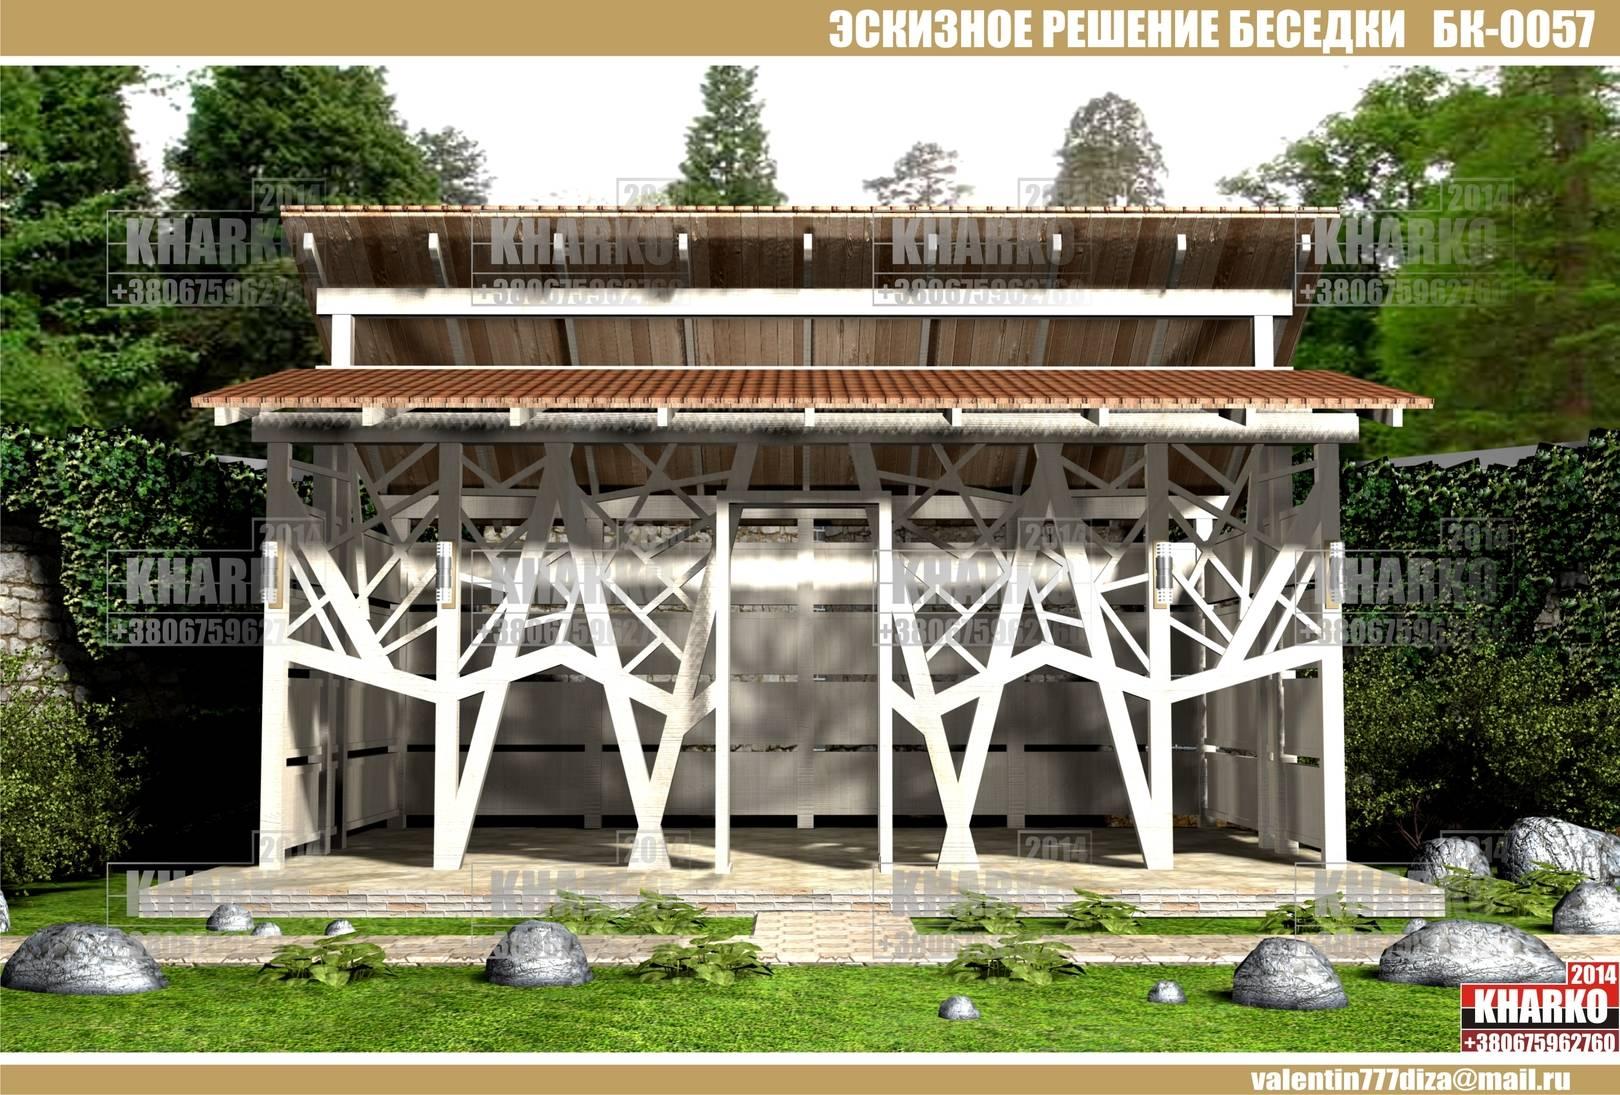 проект беседки, перголы БК-0057 , project pergola, gazebo, shed  общая площадь беседки- 28,2 м. кв. эксплуатируемая площадь беседки-25 м.кв. габаритные размеры - 6,7 м. на 4,2 м. тип фундамента-монолитный ж/б материал наружной стены и опор-кирпич, бетон,дерево тип кровли-битумная черепица, керамика Наружная отделка цоколя -декоративный камень Стоимость проекта- 1500 грн.